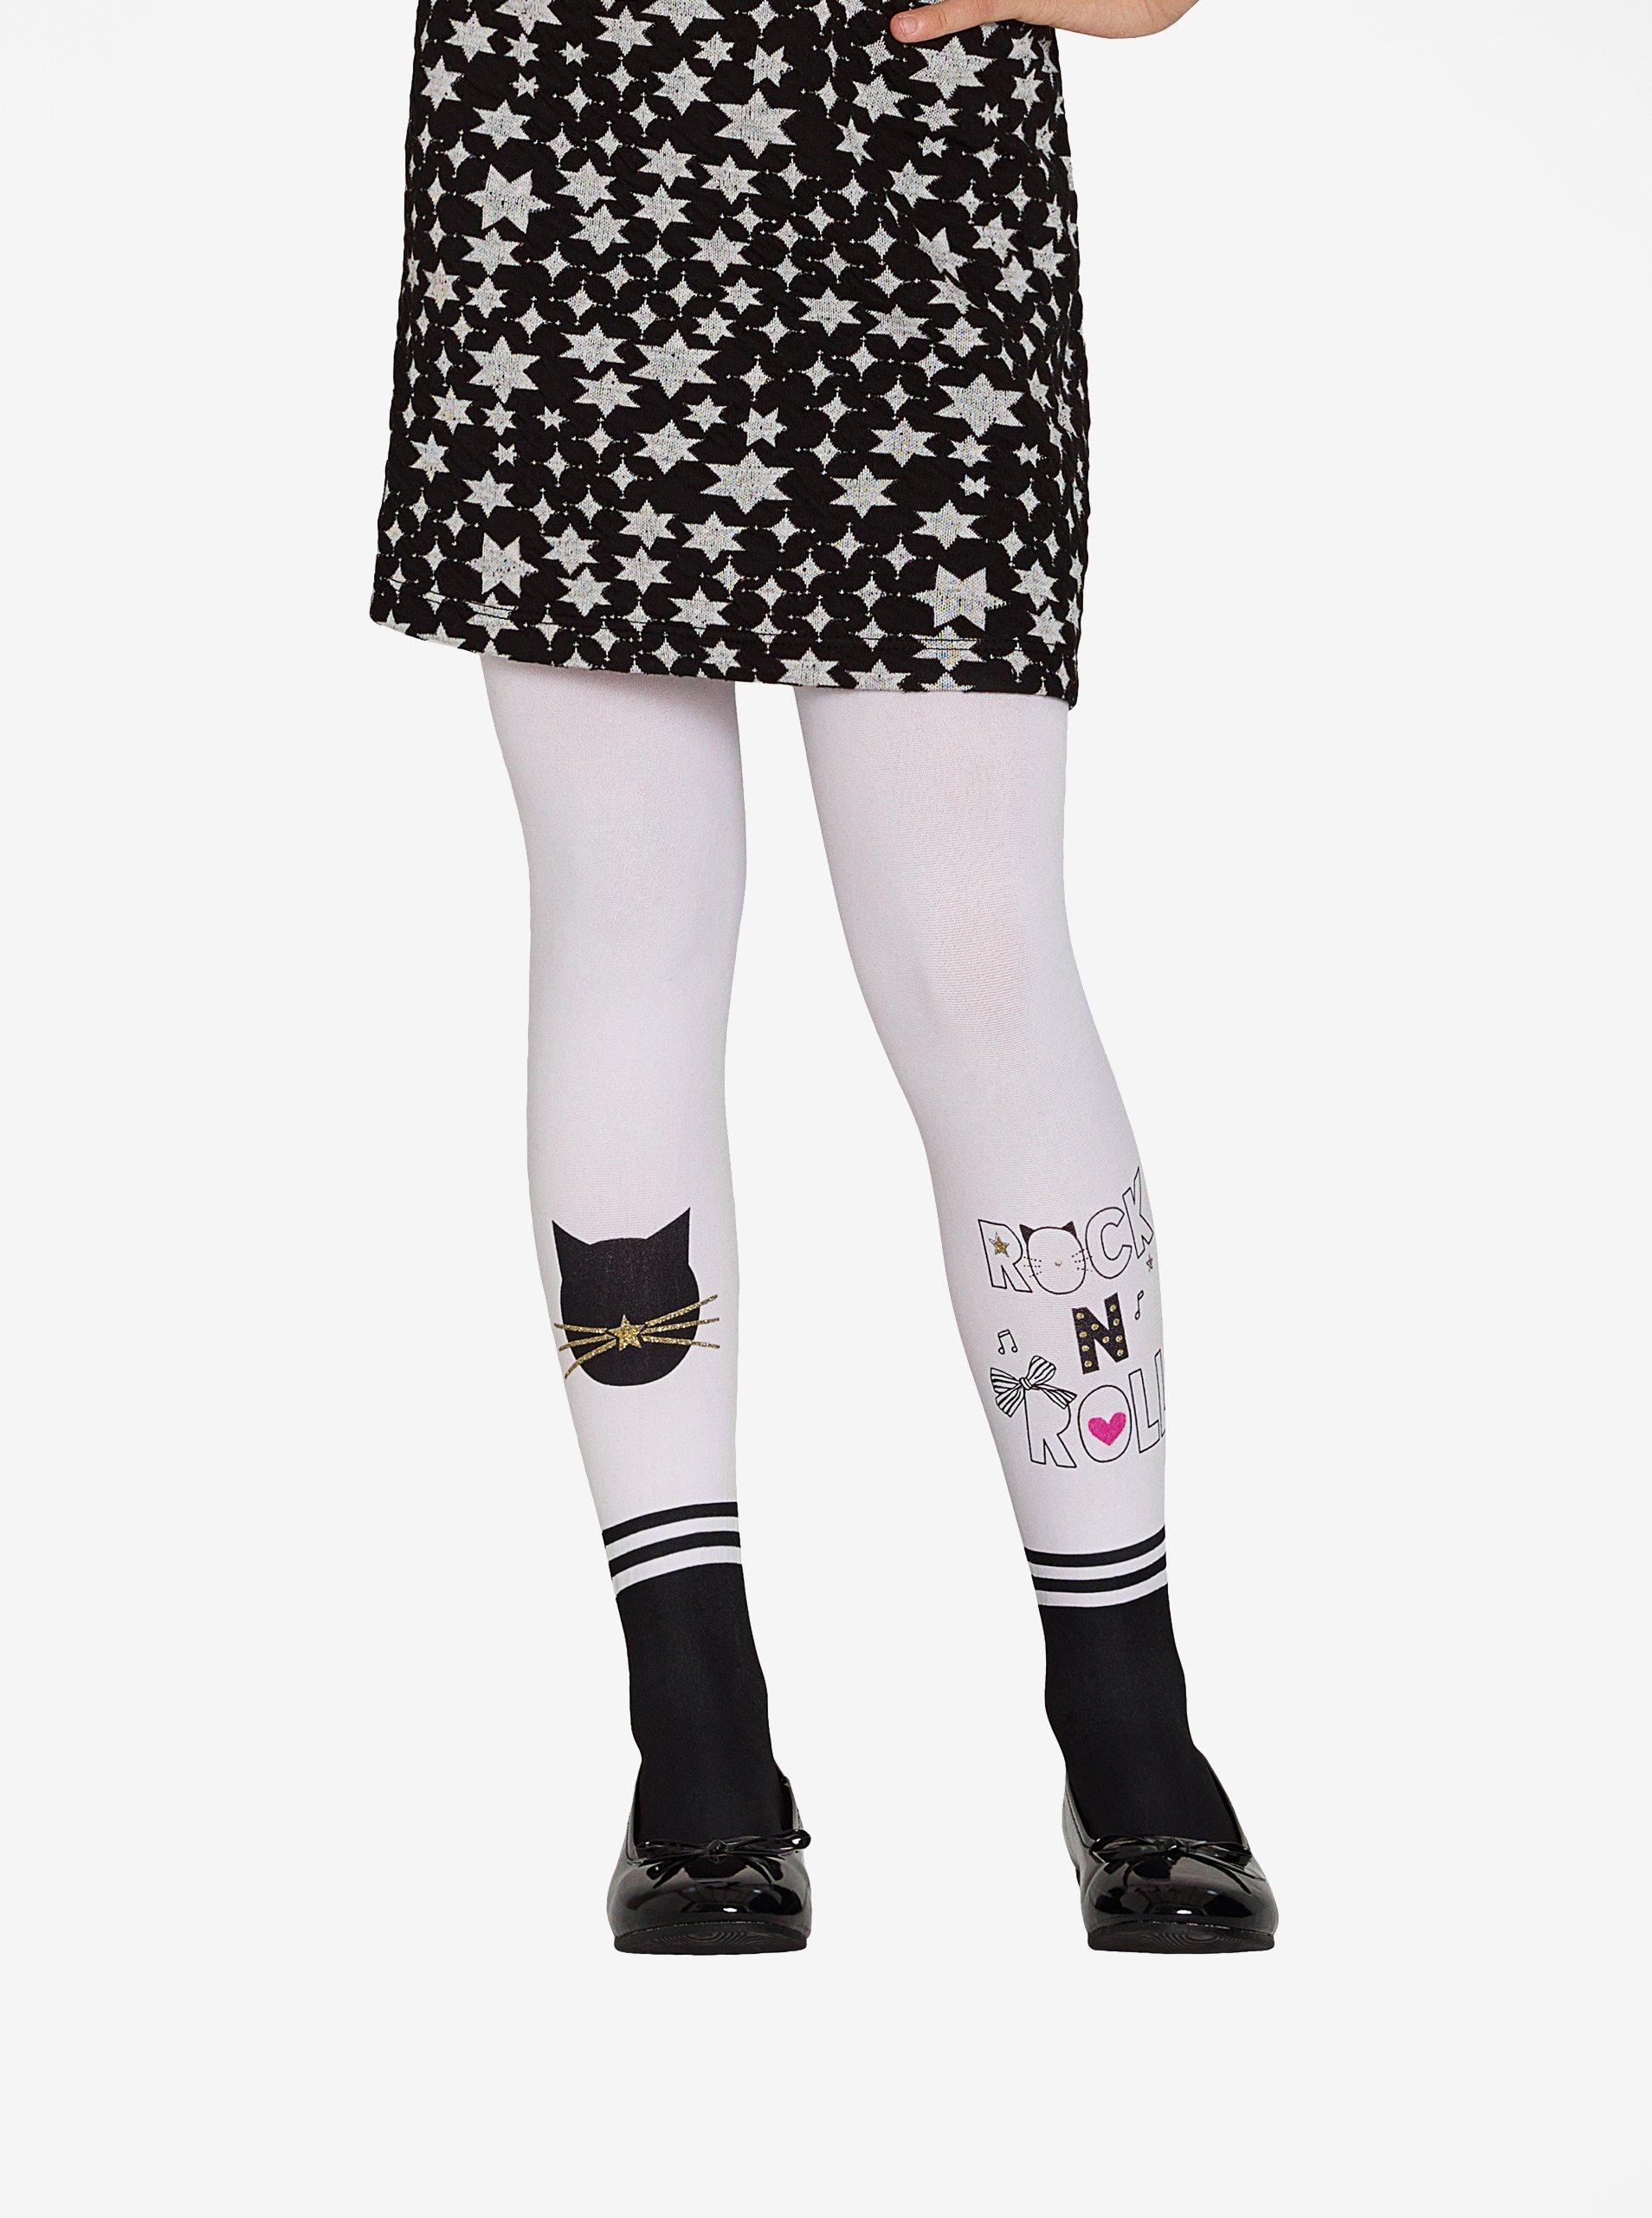 Černo-bílé holčičí punčocháče s motivem kočky Penti Pretty Cat Rocks 70 DEN